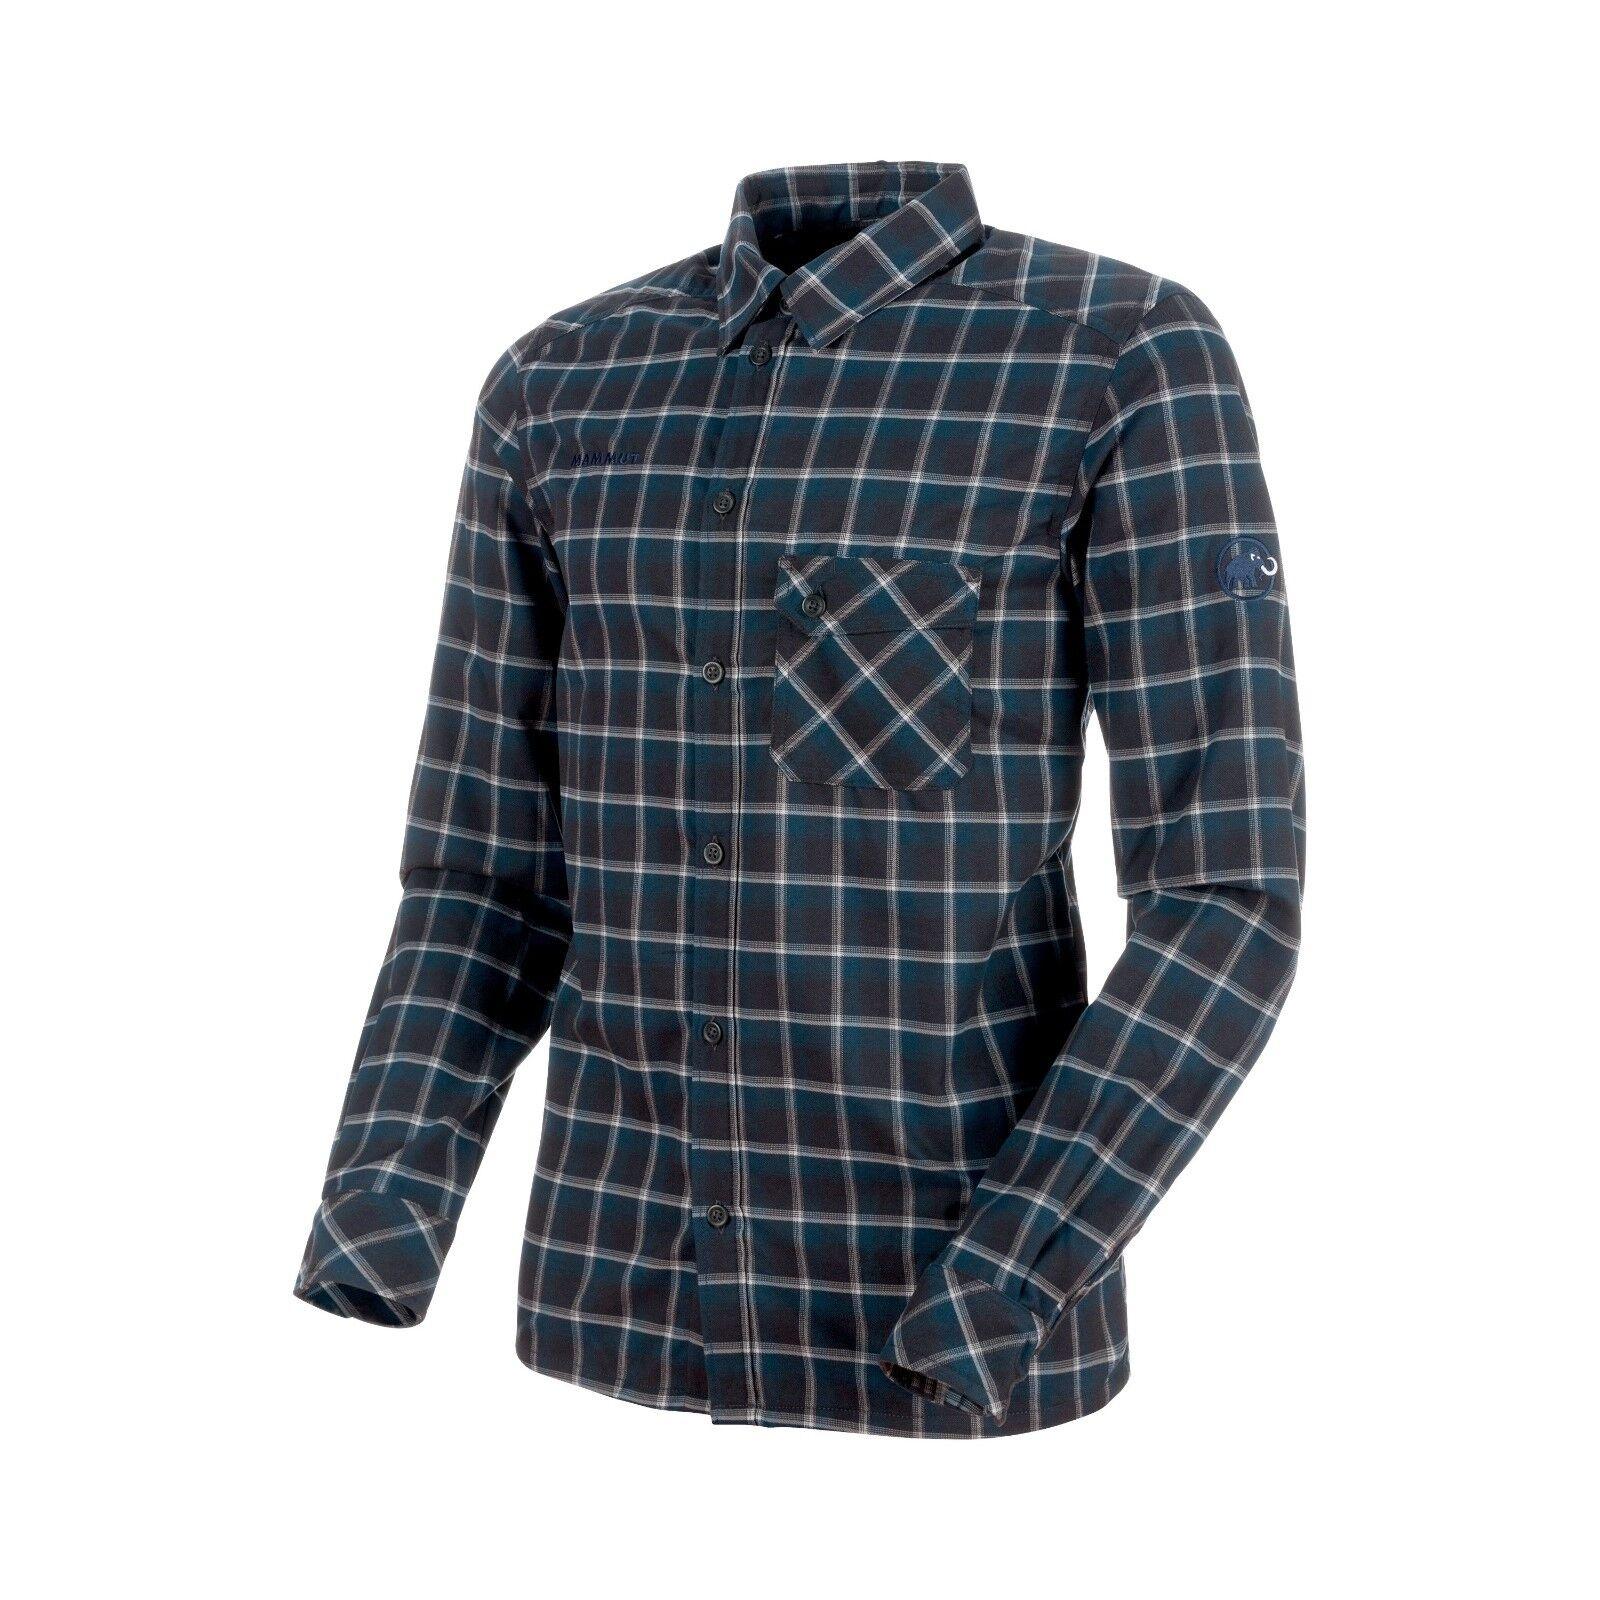 Mammut Belluno Tour ls camisa Men caliente camisa manga larga  para caballeros talla m  Todo en alta calidad y bajo precio.